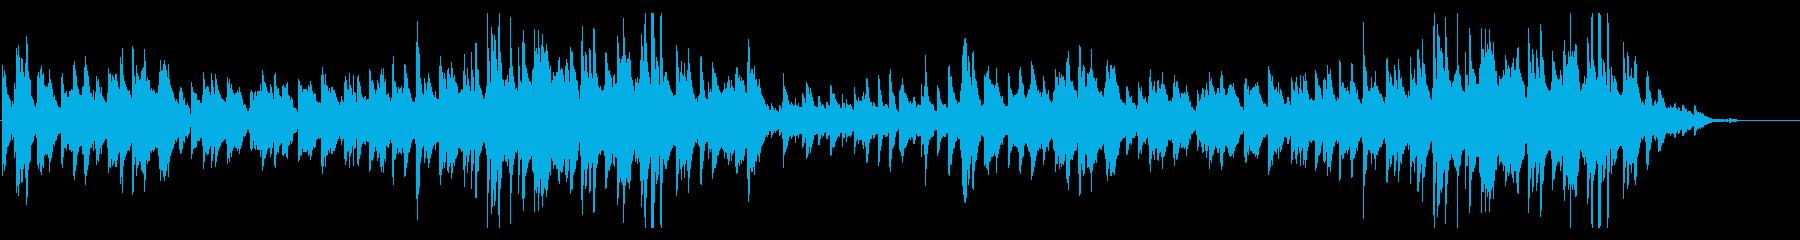 希望を胸に歩き出す~前向きなピアノ楽曲!の再生済みの波形